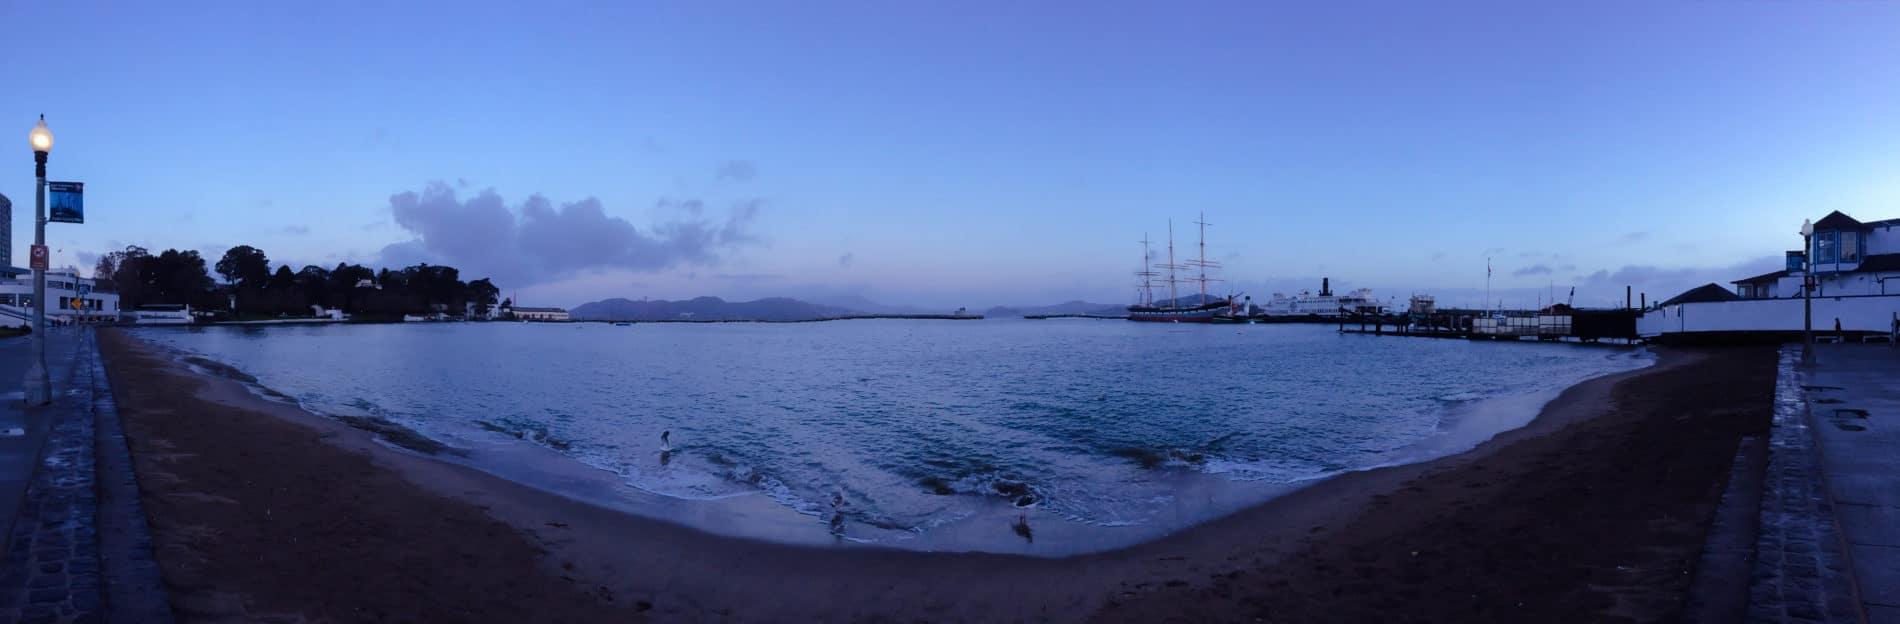 Morgens in der Stille vor dem Sonnenaufgang, Seeluft tanken und ankommen in San Francisco